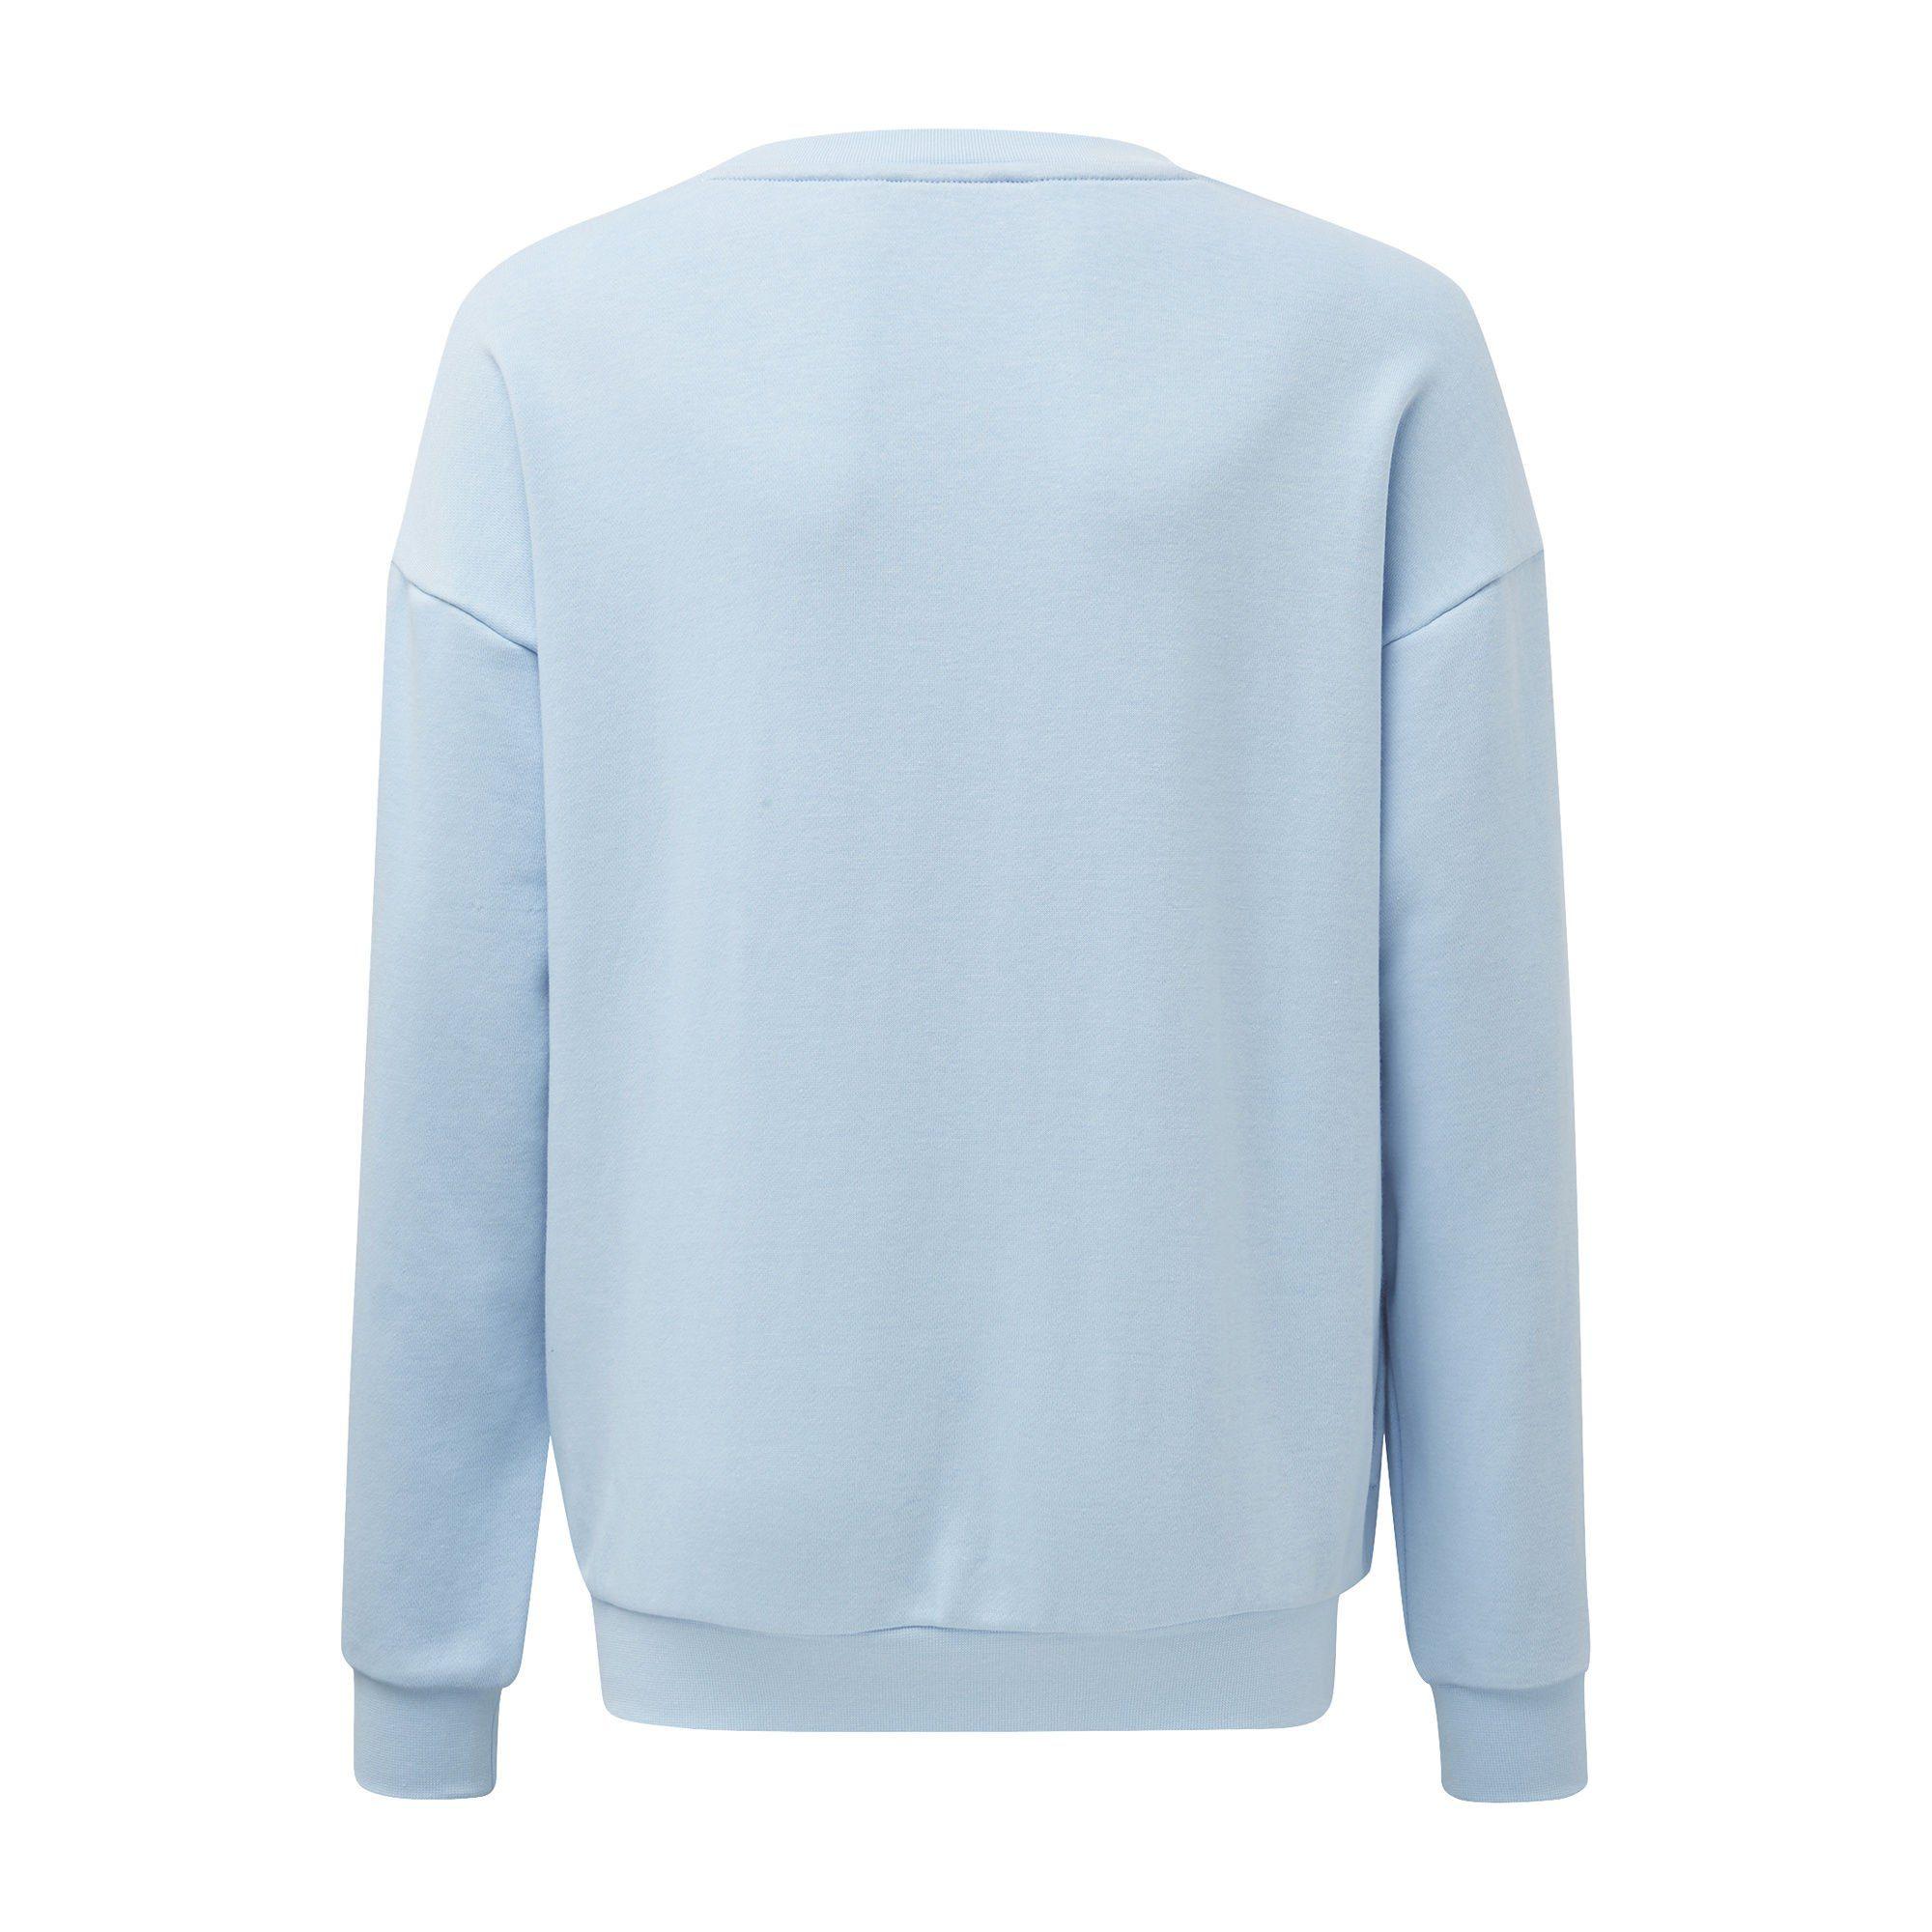 adidas Originals Sweatshirt »Culture Clash Sweatshirt« AOP PACK online kaufen | OTTO